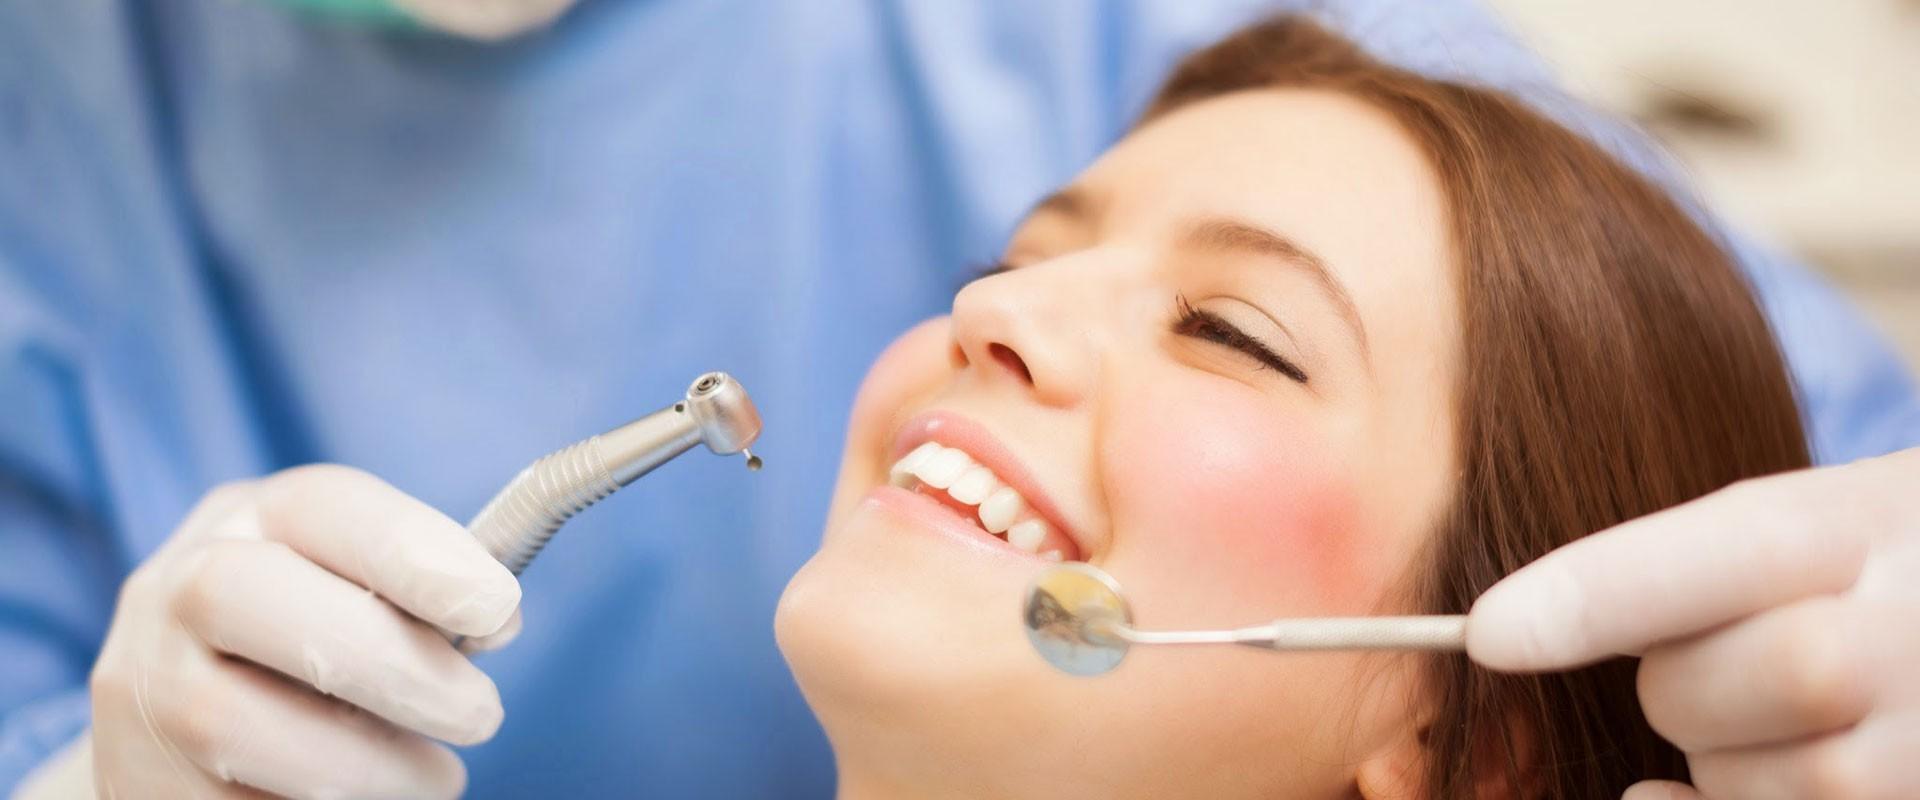 Dentista di fiducia Ariano Irpino Avellino